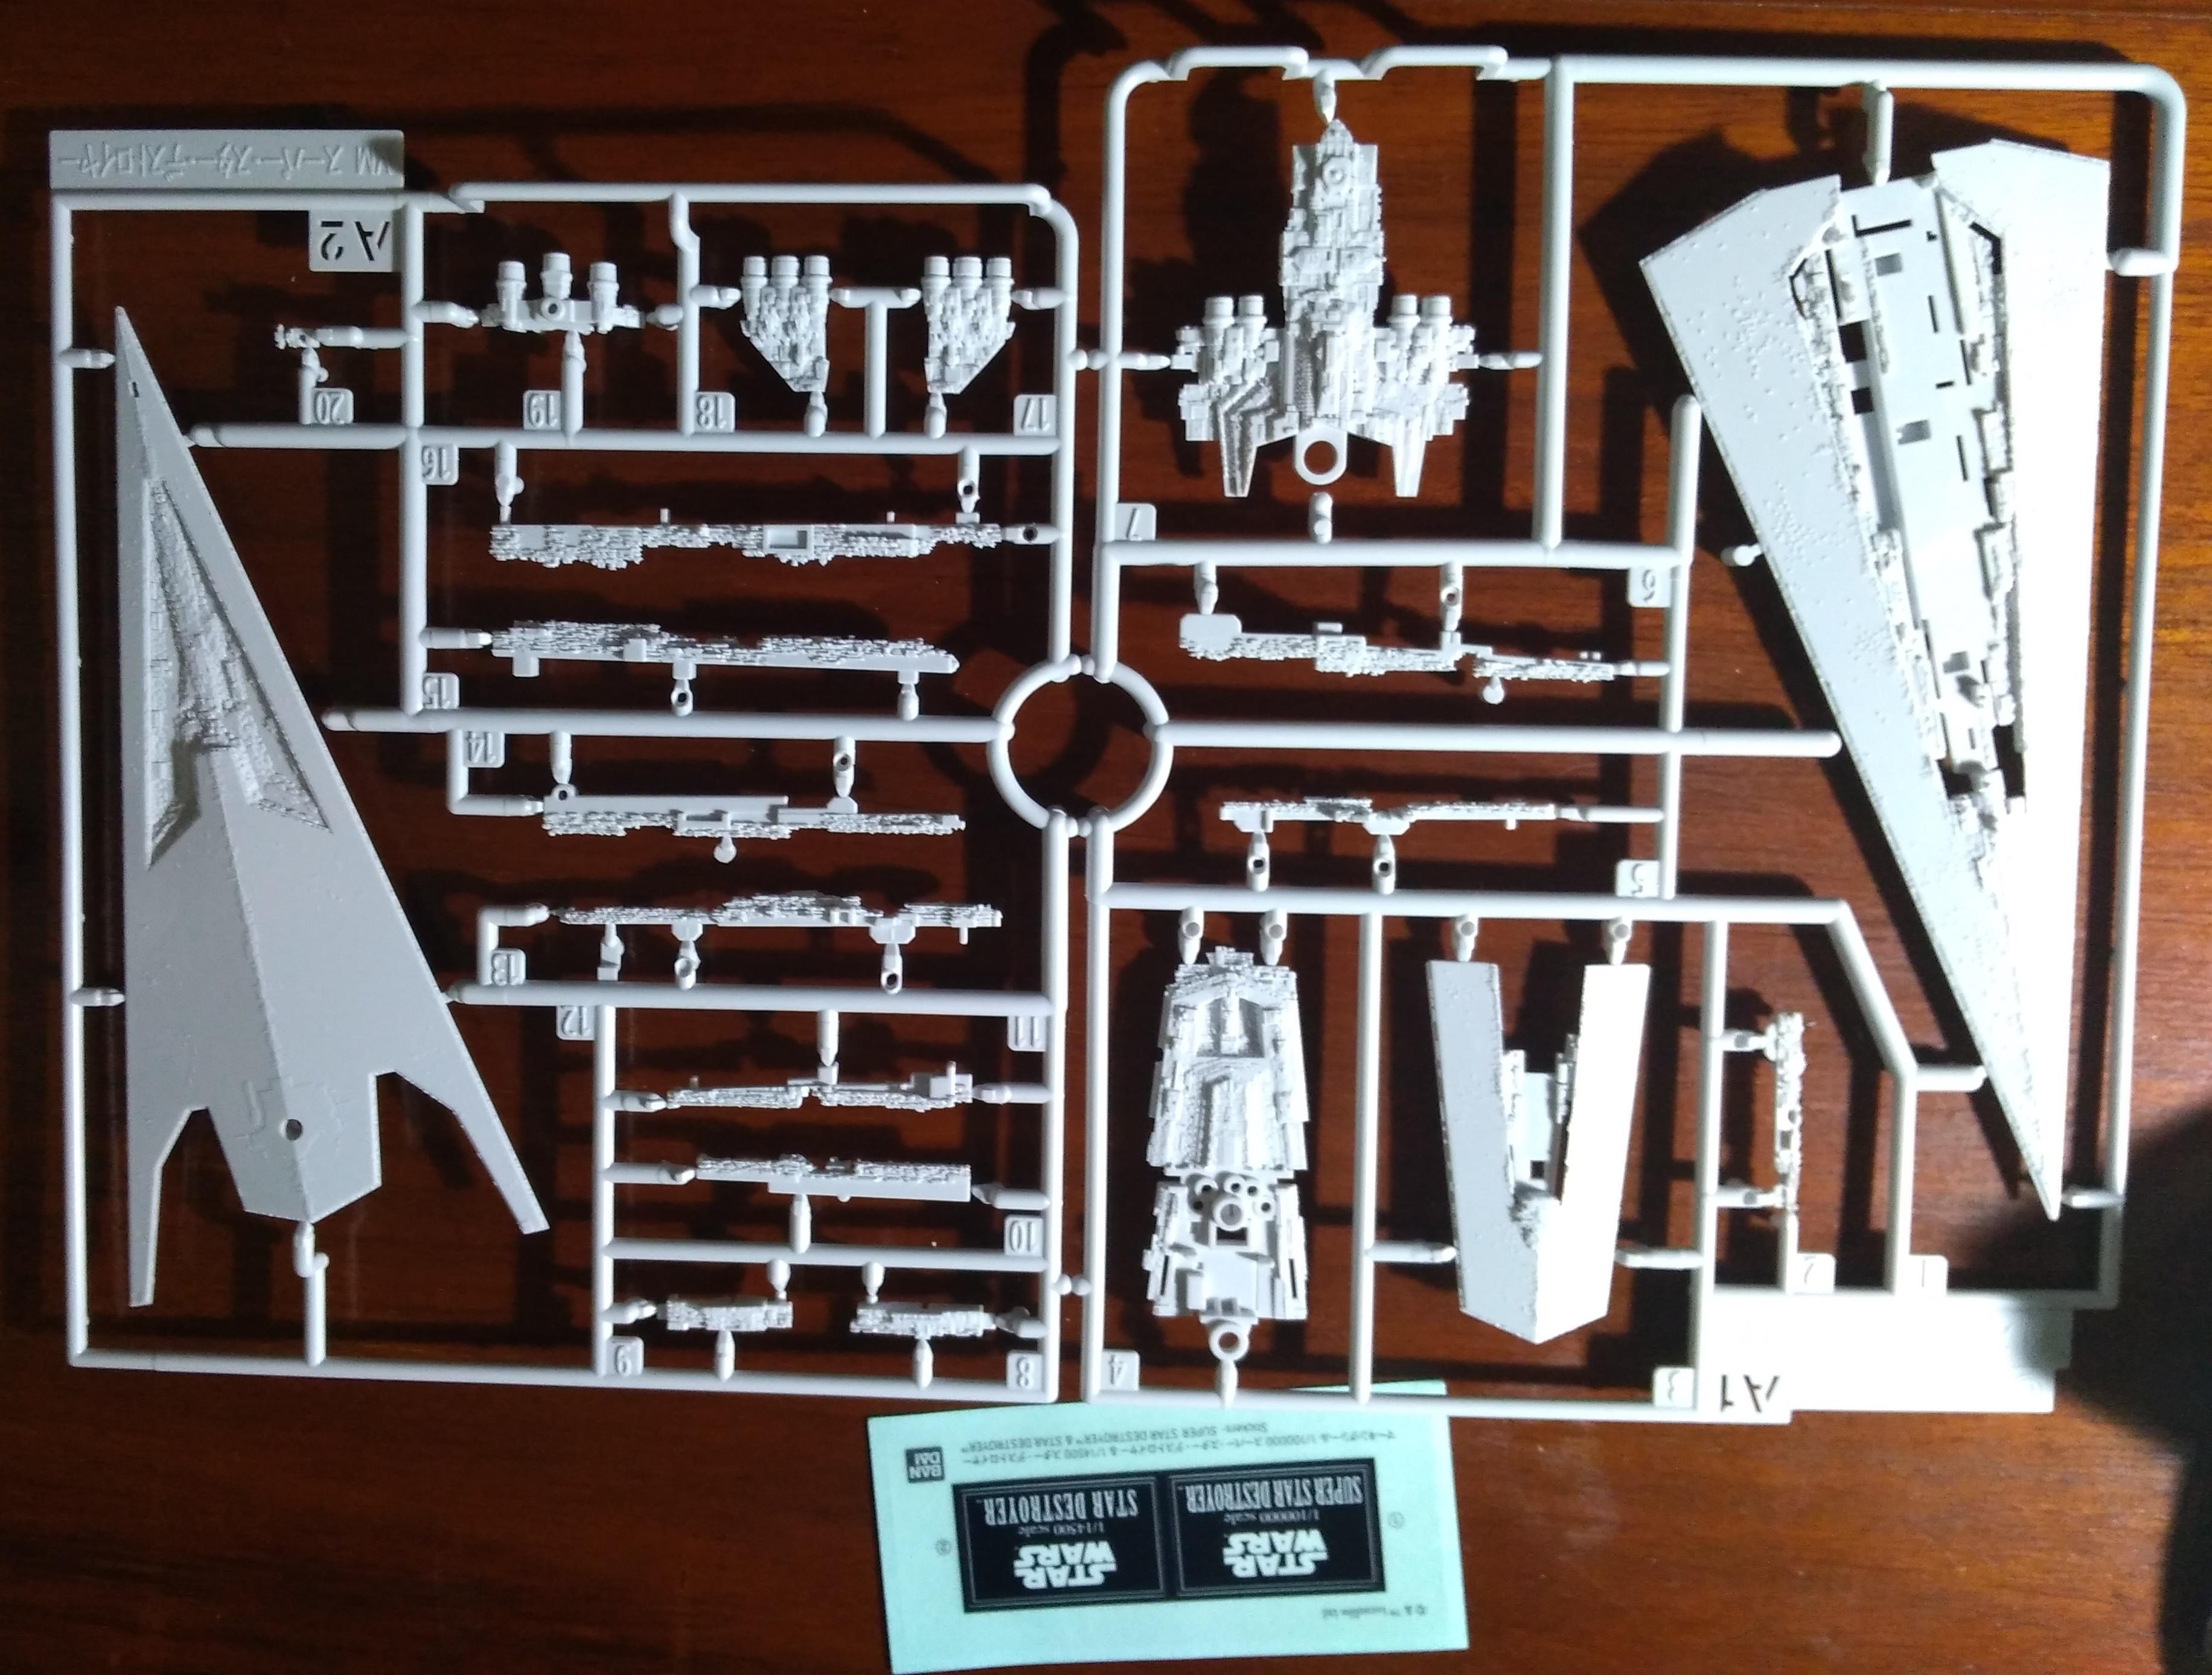 Bandai, Battlefleet Gothic, Battleship, Sprue, Star Wars, Super Star Destroyer